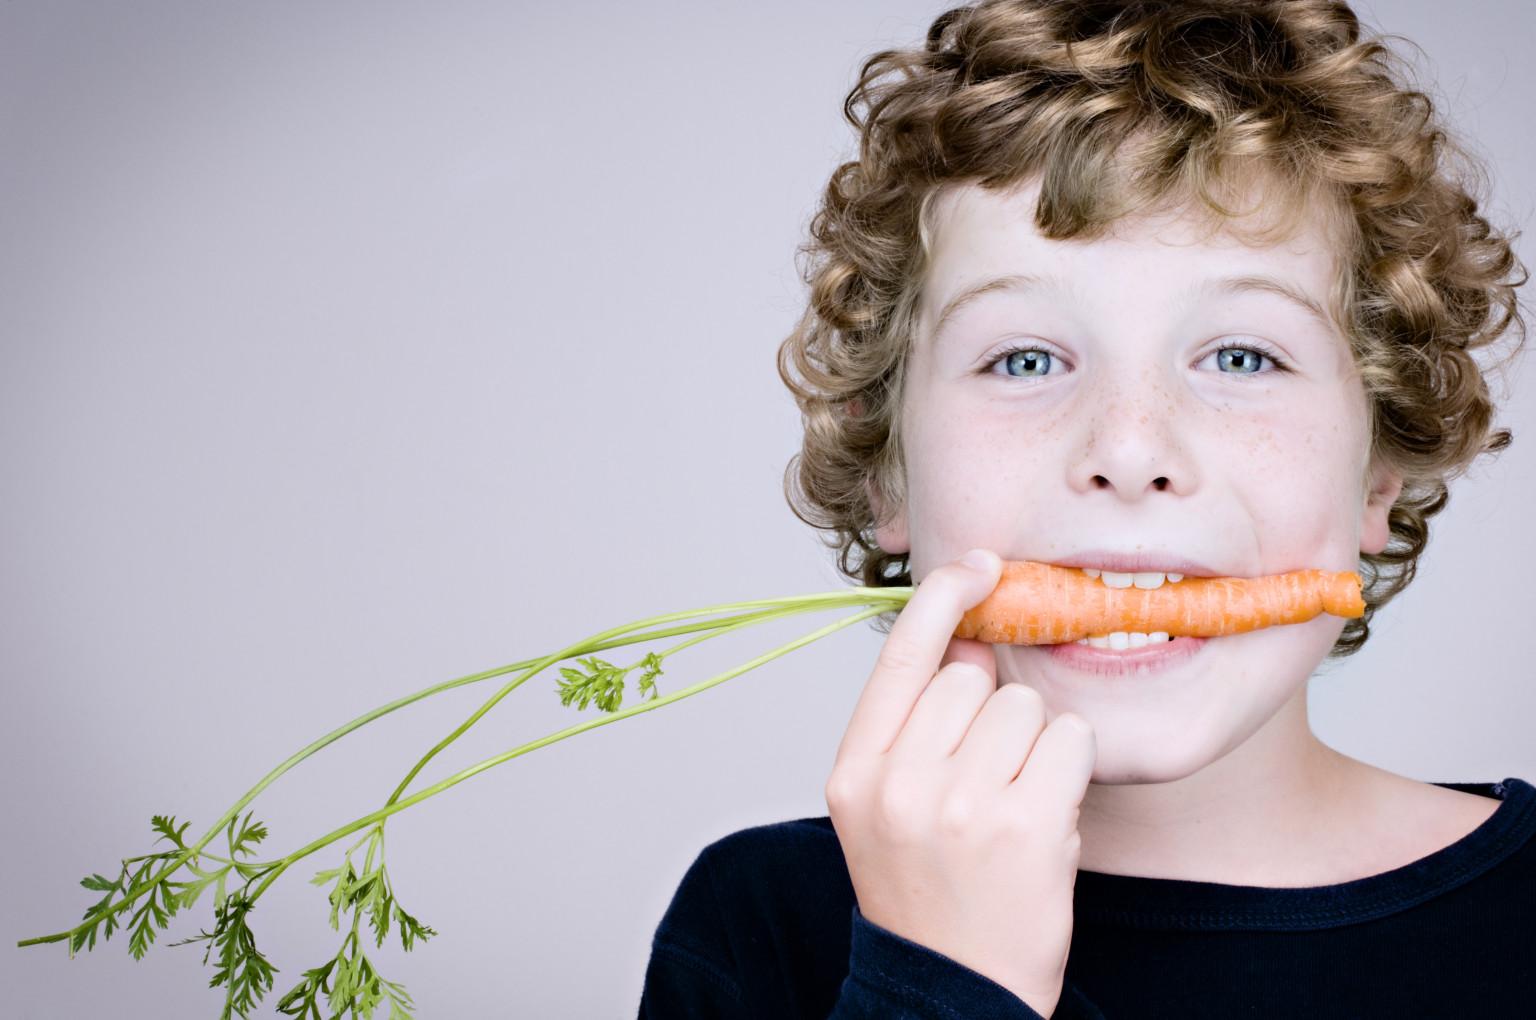 boy eating carrot.jpg